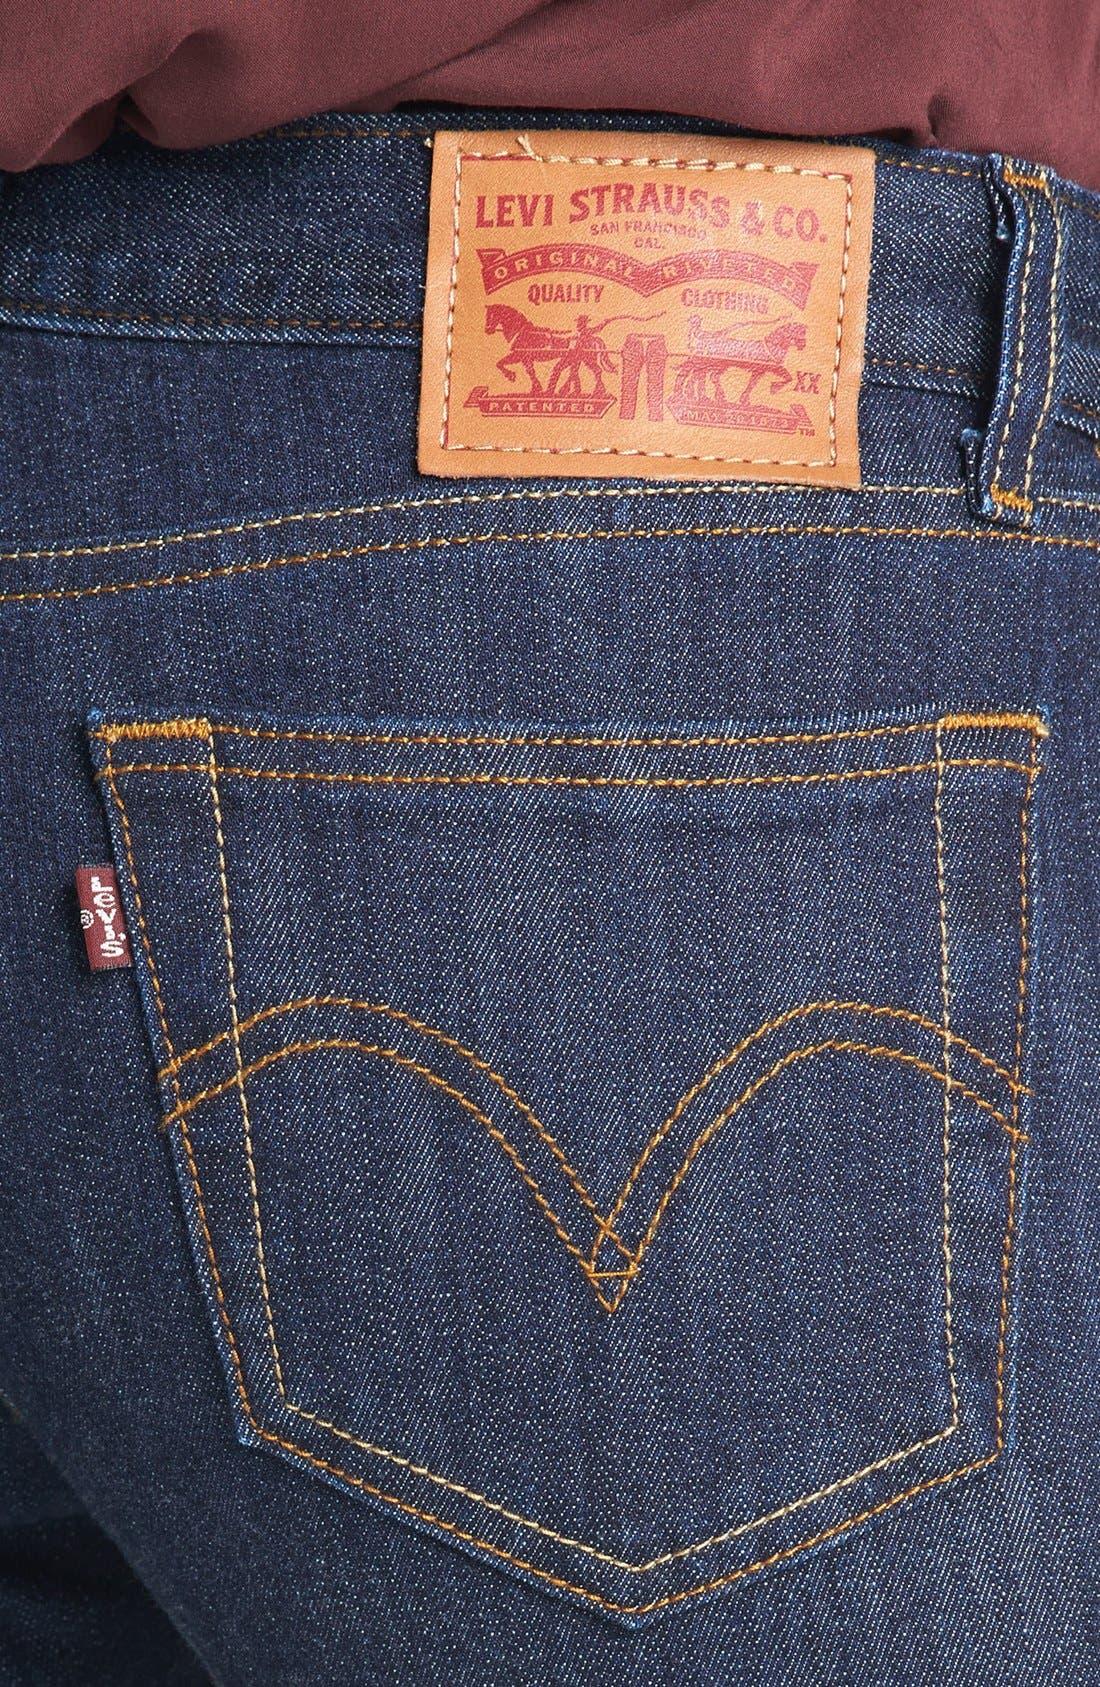 Alternate Image 3  - Levi's® High Waist Resin Rinse Selvedge Skinny Jeans